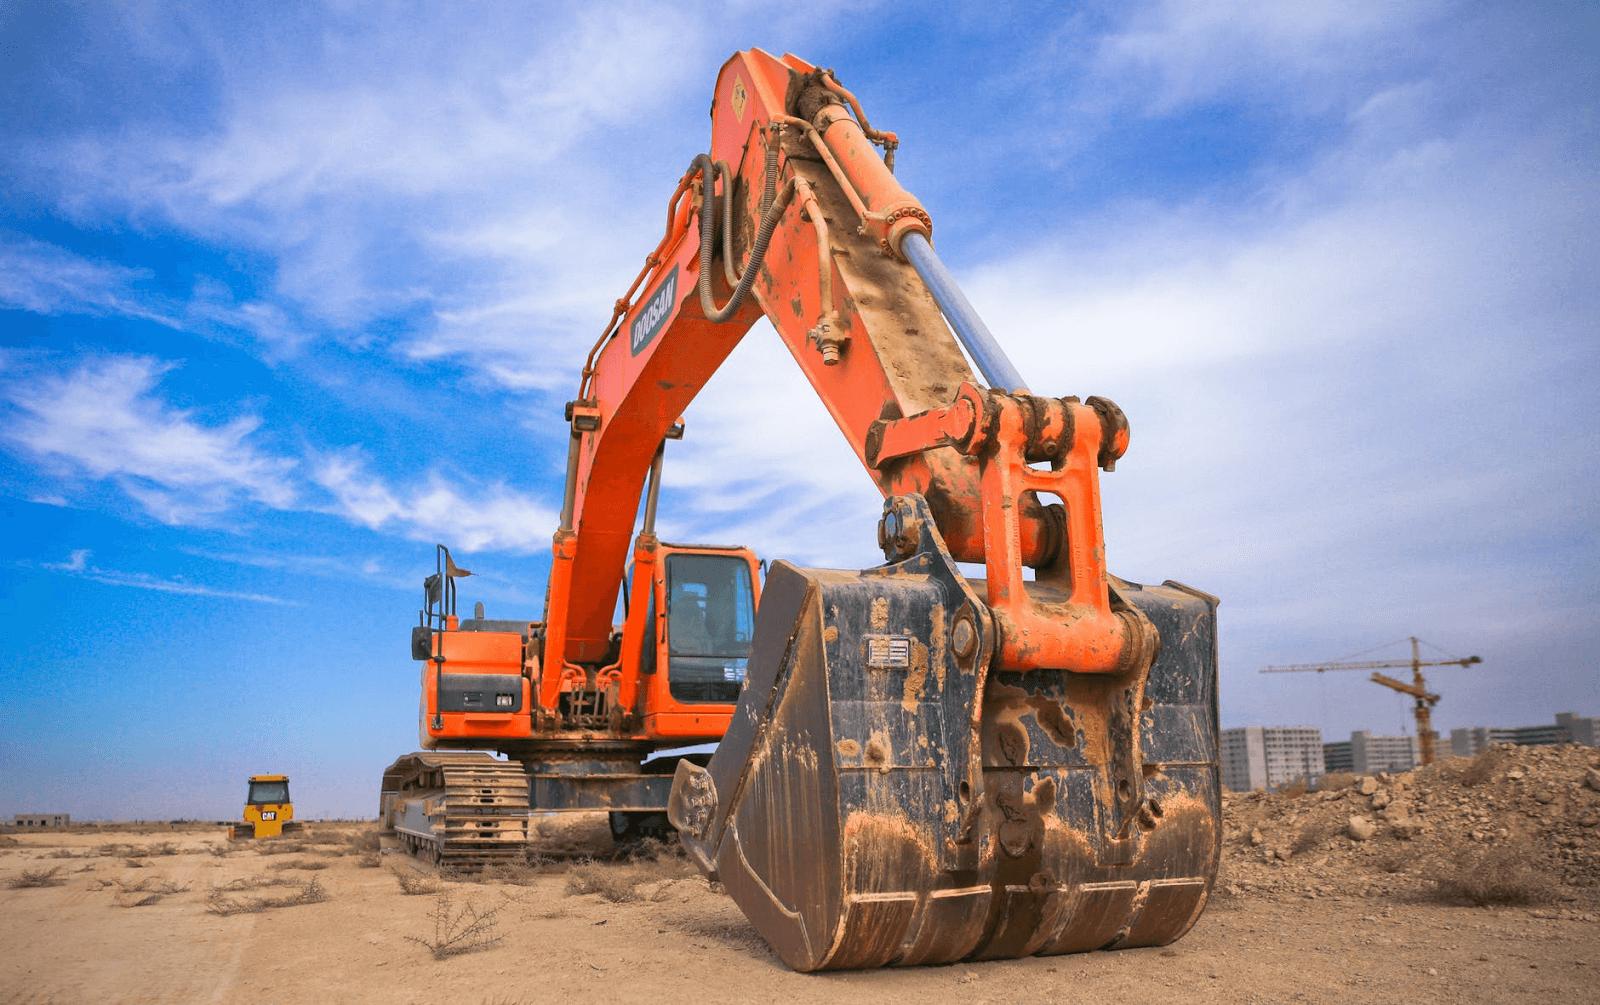 photo of an orange excavator